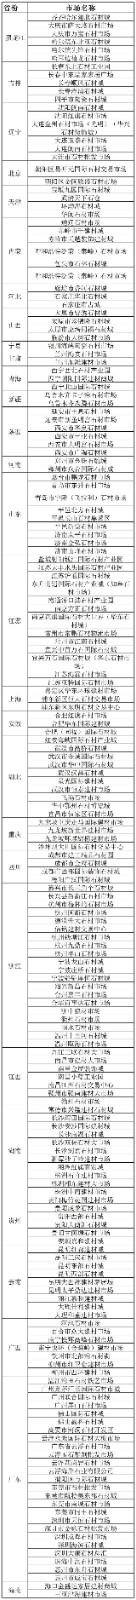 国内石材市场分布明细表